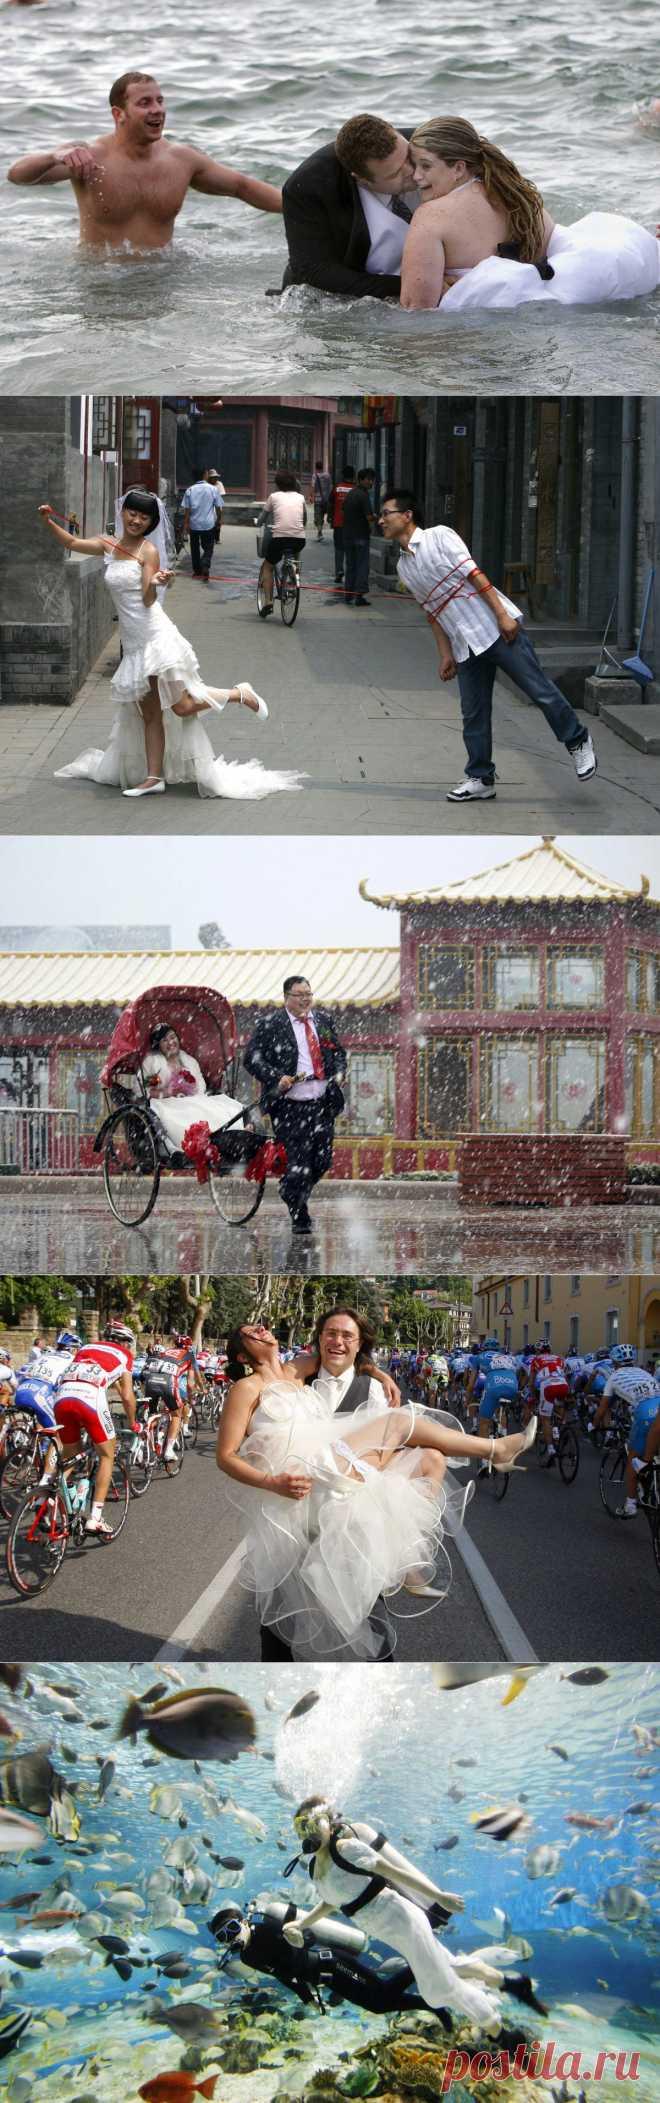 Странные свадебные фотографии со всего мира   MixStuff